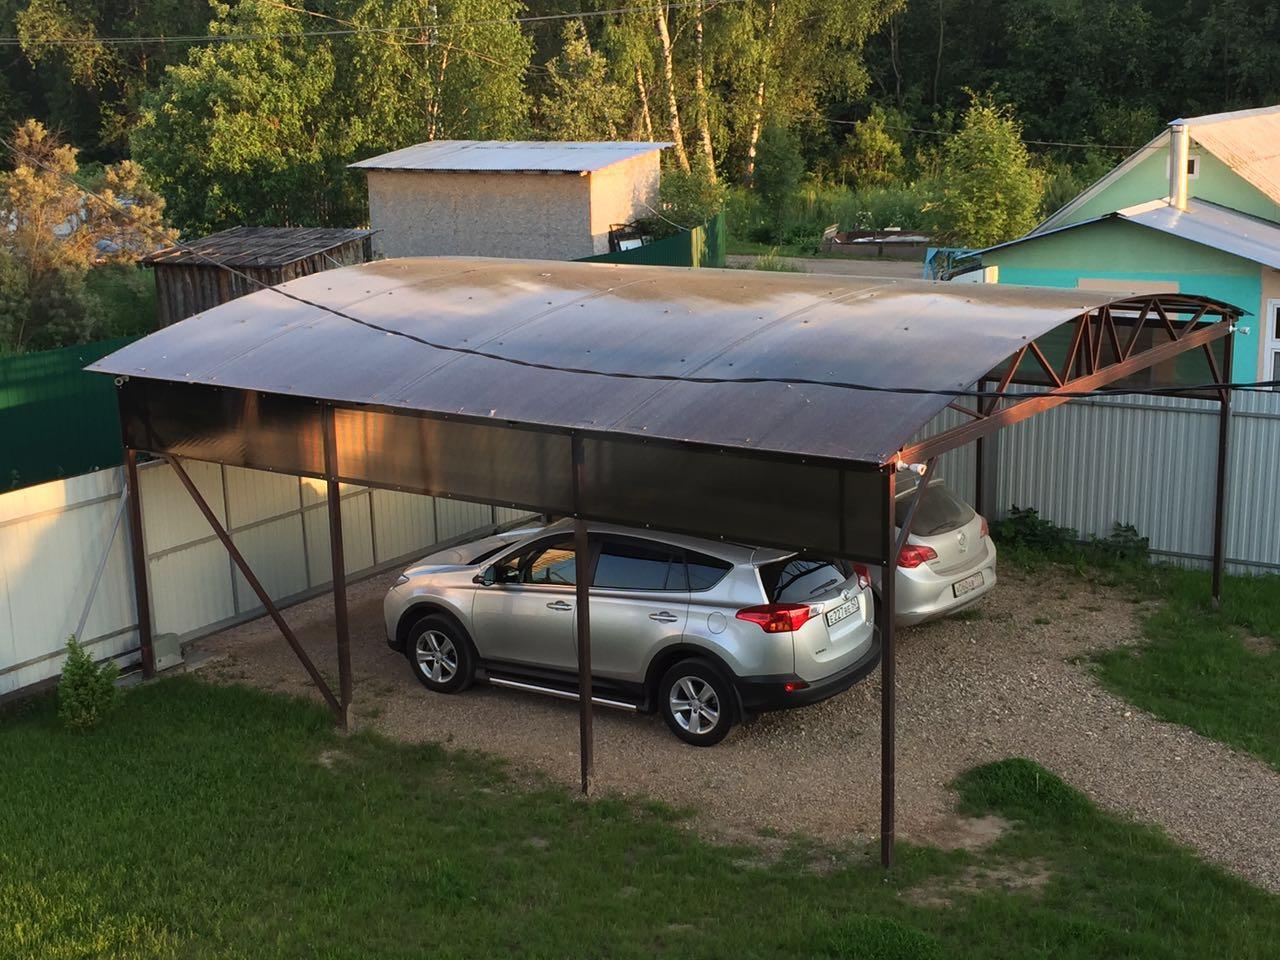 виктора филипповича навес для машины на даче фото фотосъёмка